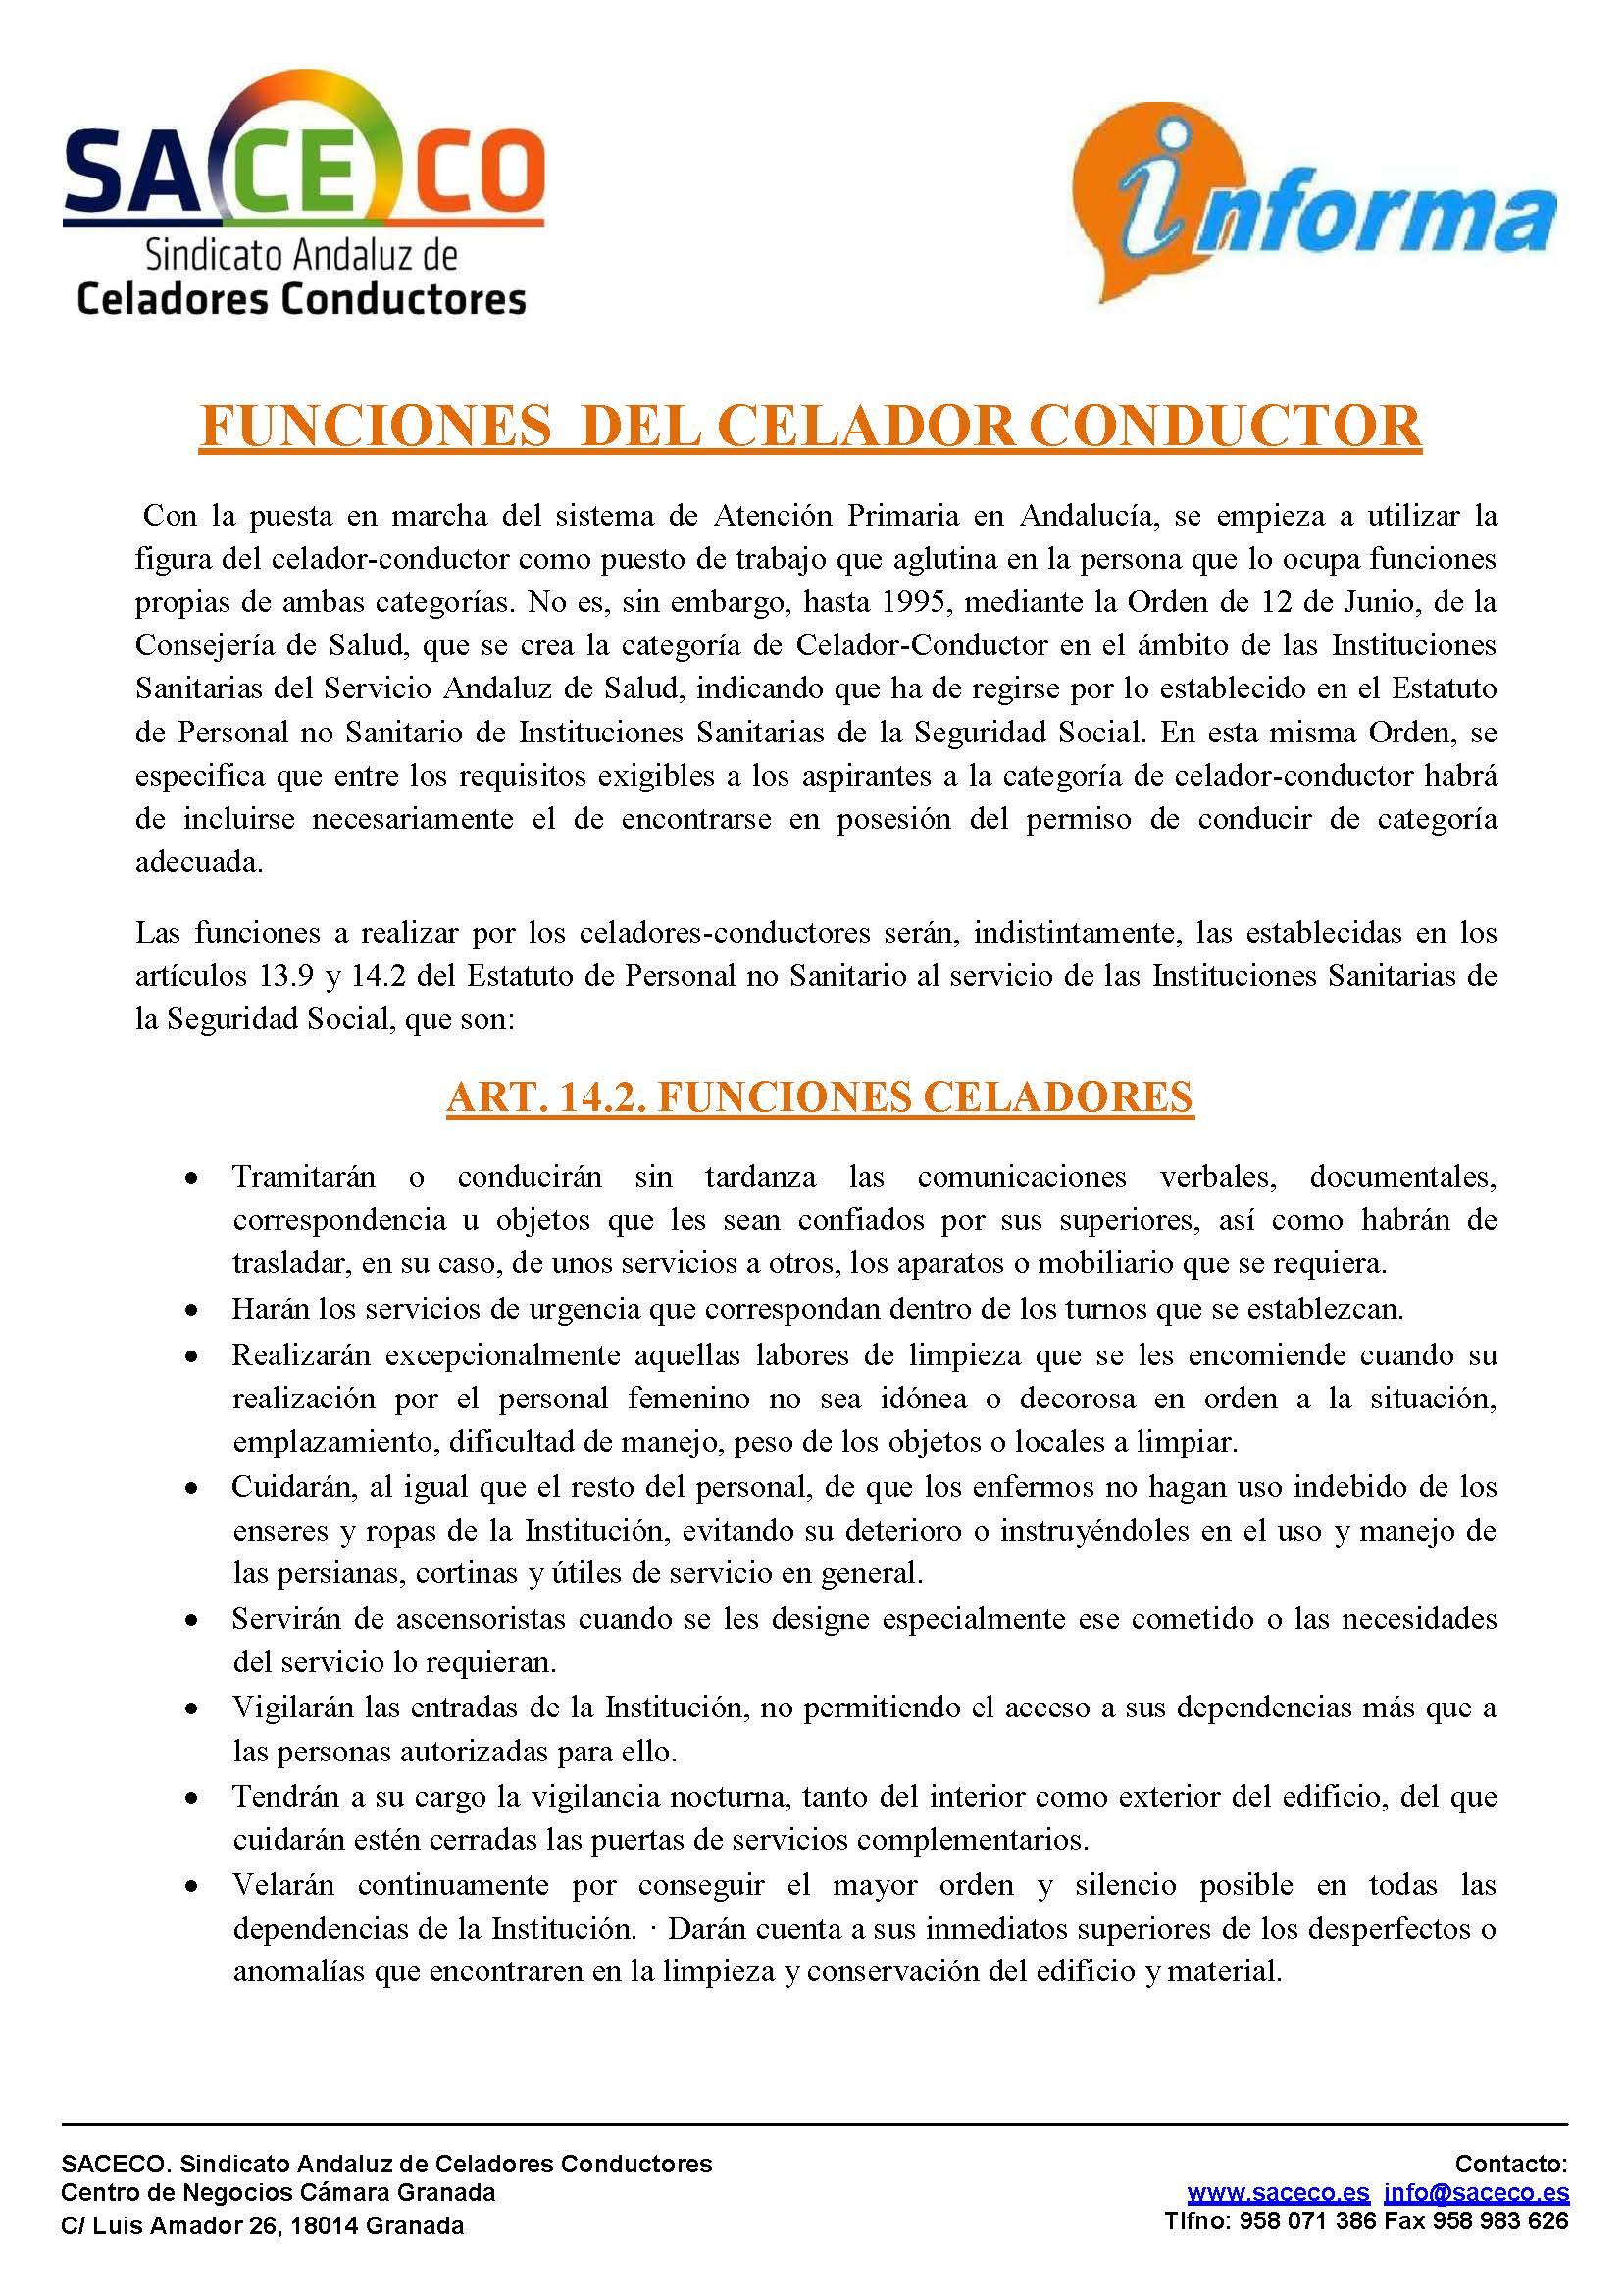 Funciones del celador conductor_Página_1